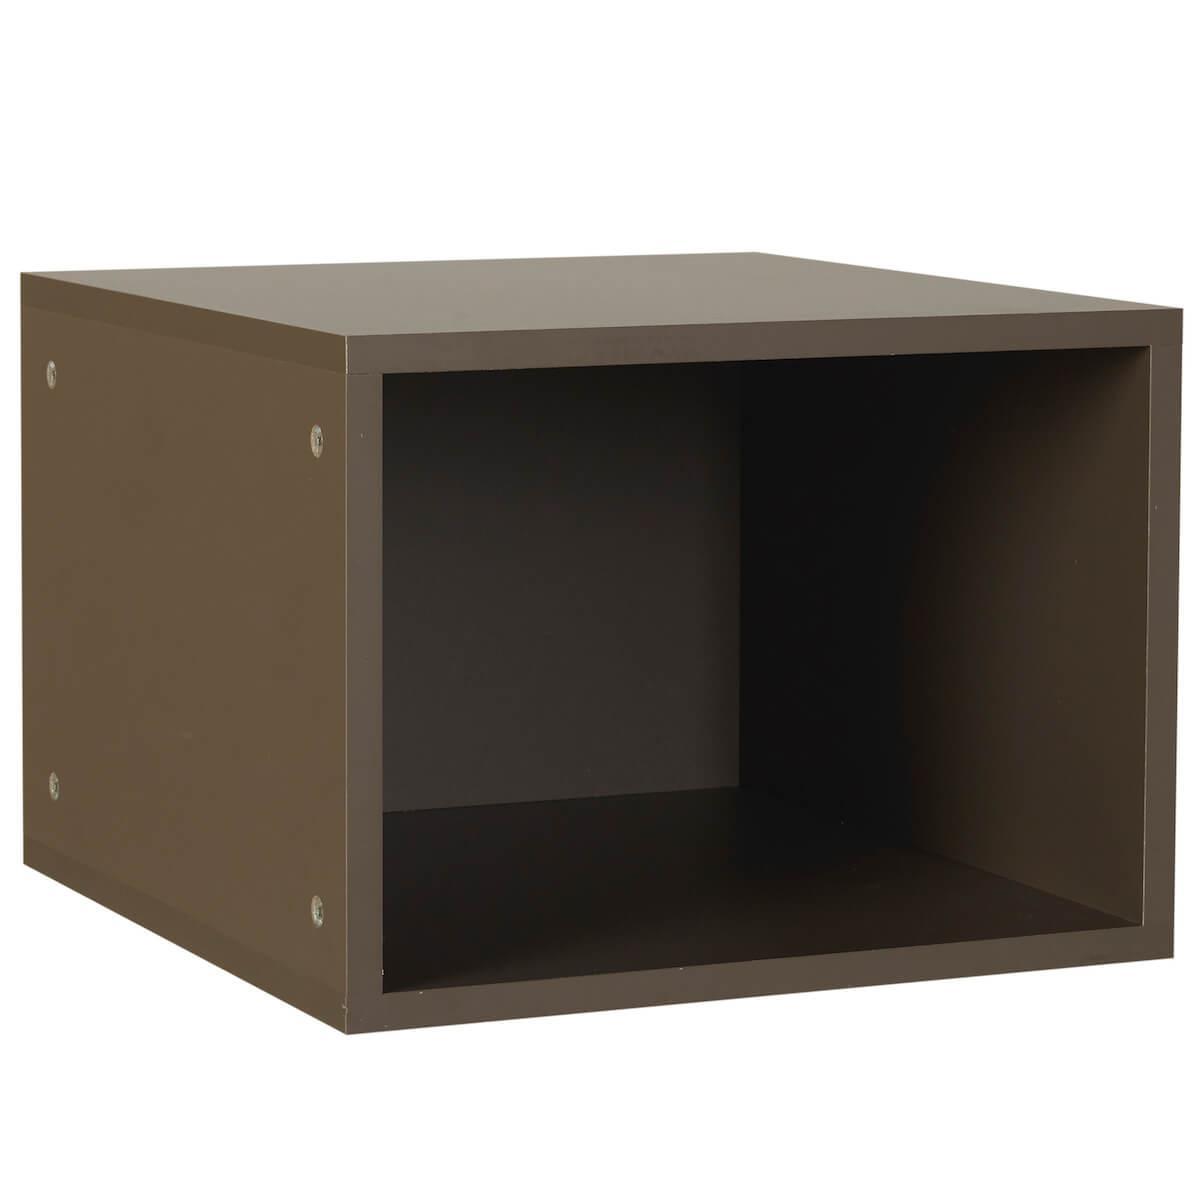 Cubo armario COCOON Quax musgo